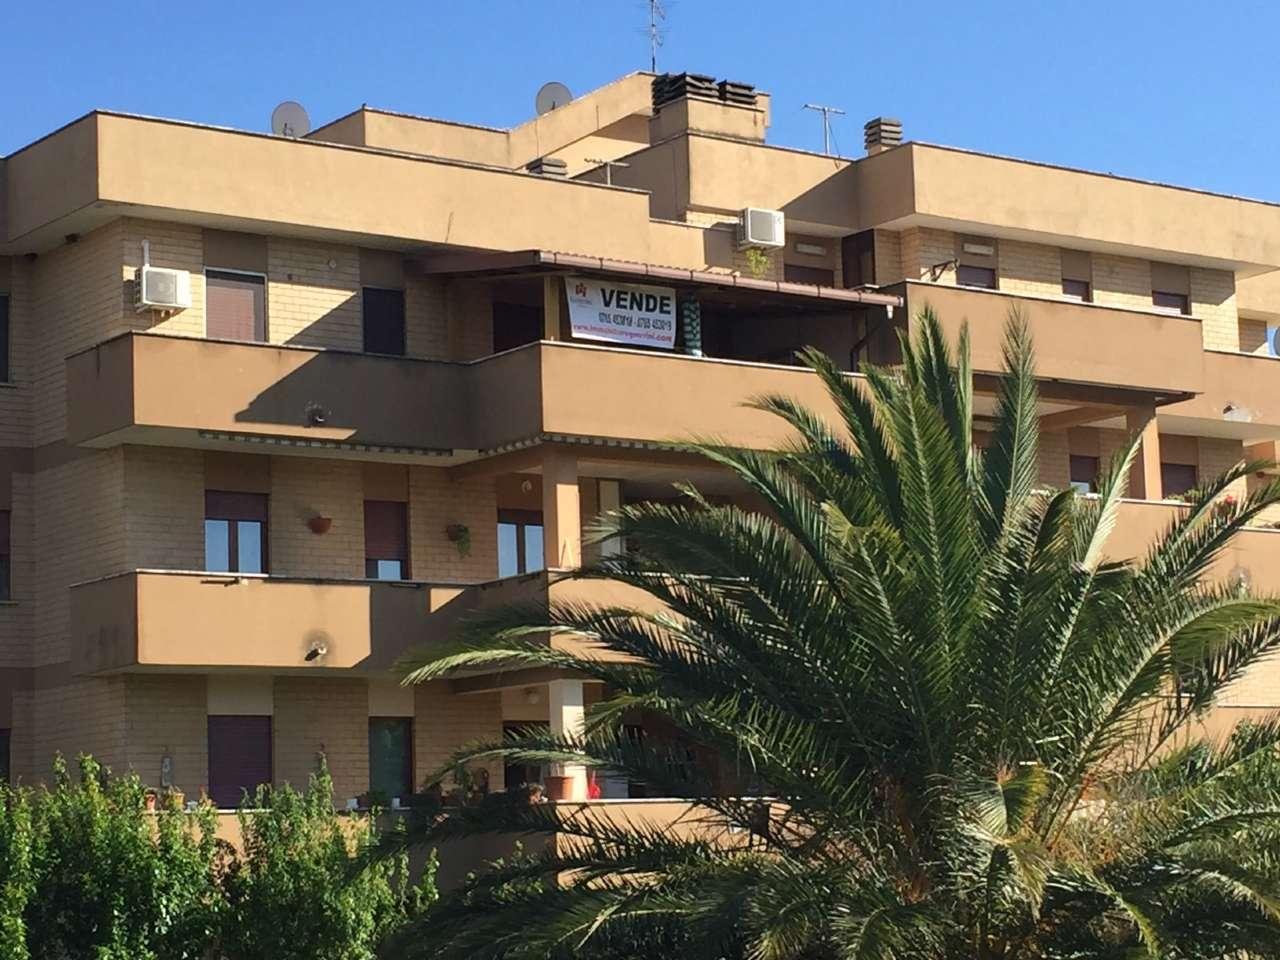 Appartamento in vendita a Fiano Romano, 3 locali, prezzo € 140.000 | Cambio Casa.it